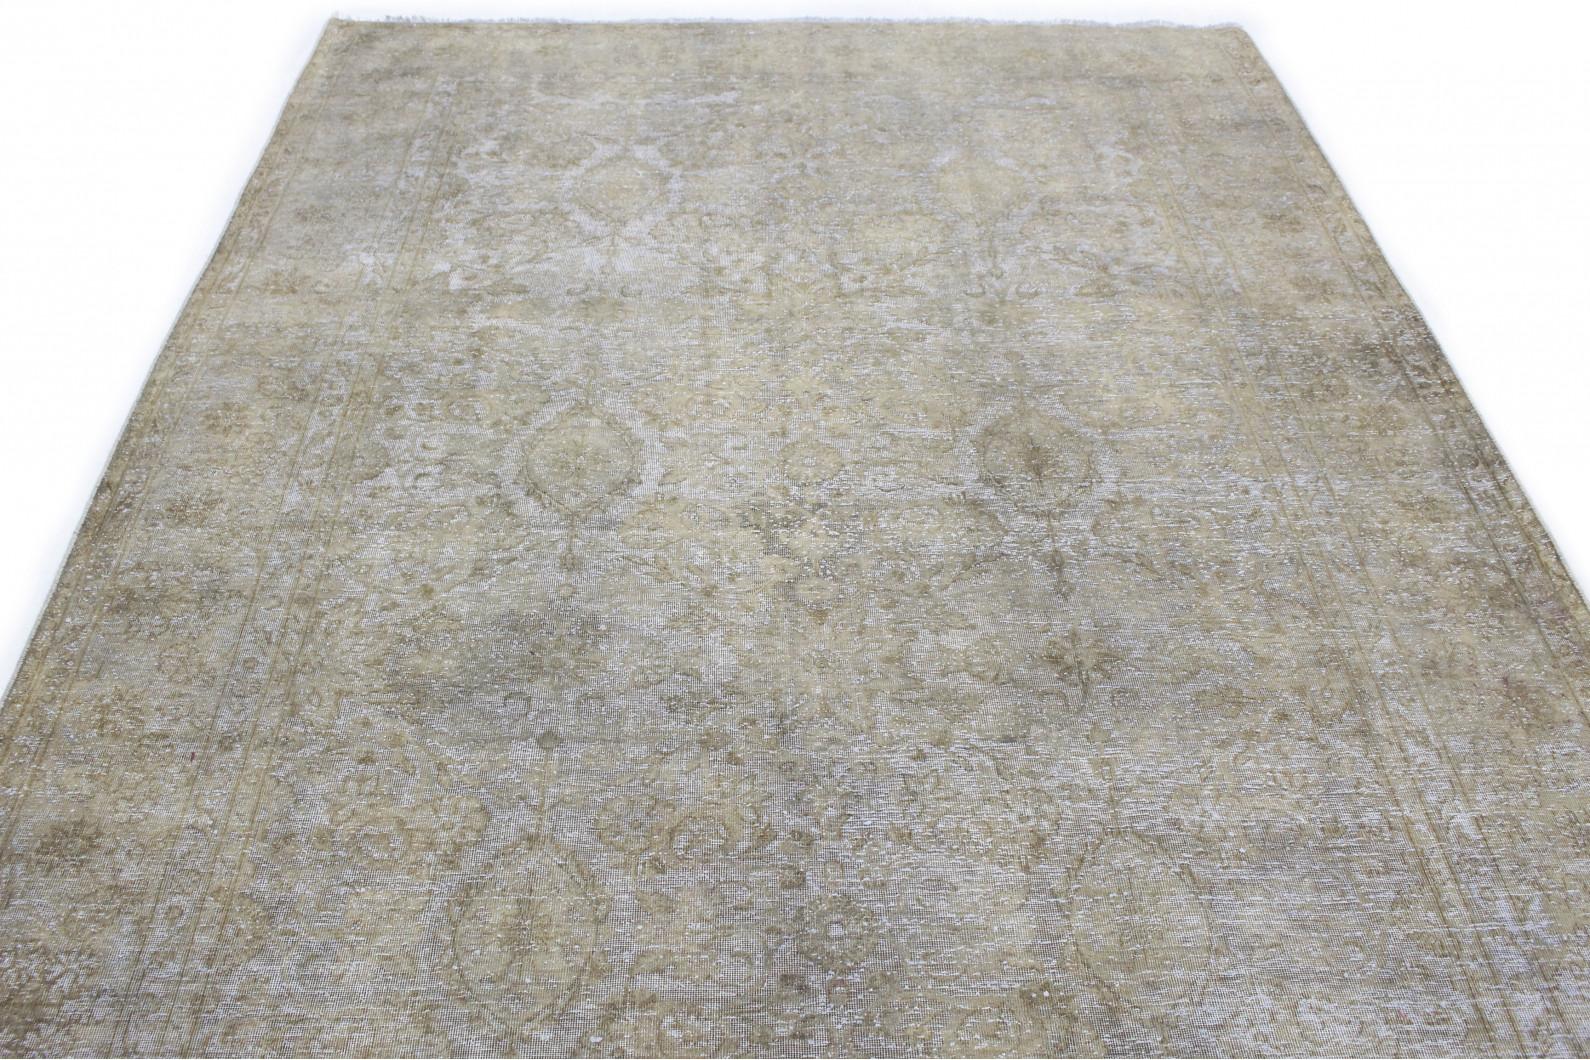 vintage teppich grau in 300x200 1001 177276 bei kaufen. Black Bedroom Furniture Sets. Home Design Ideas